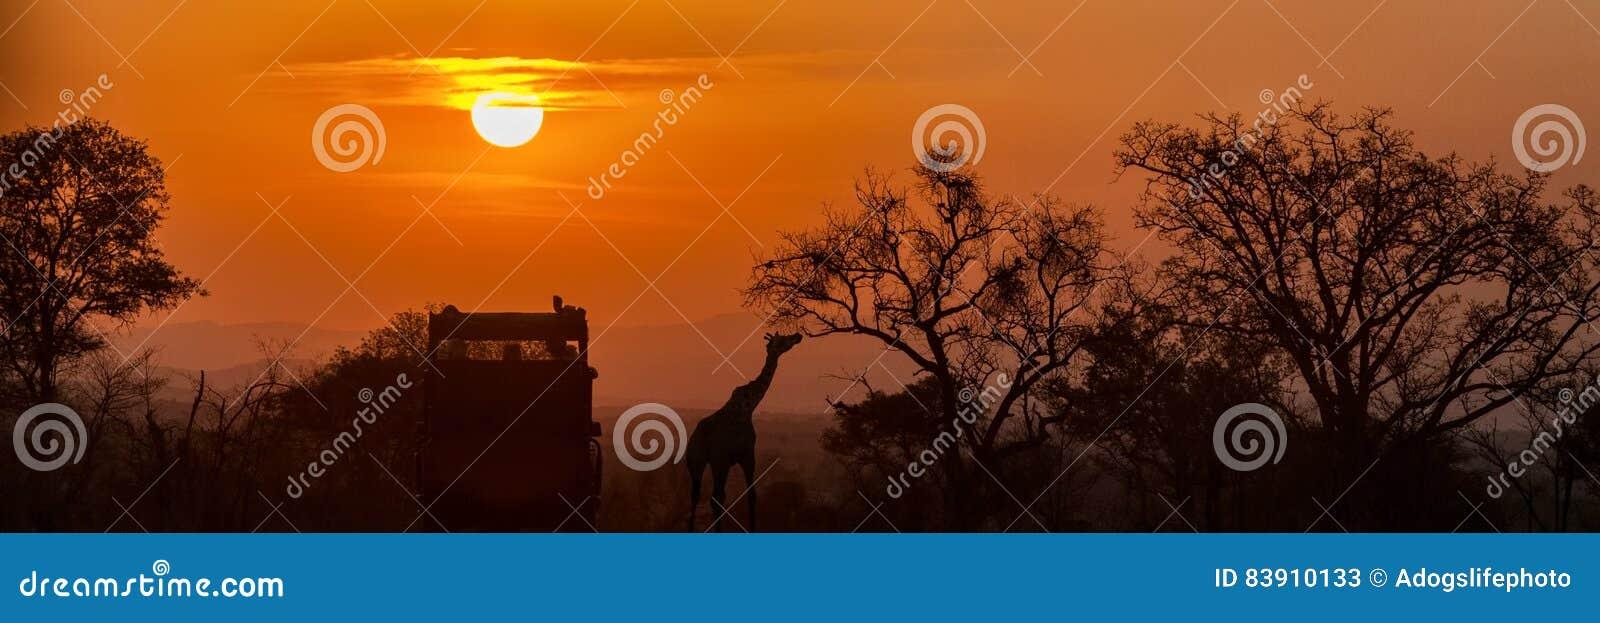 Αφρικανική σκιαγραφία ηλιοβασιλέματος σαφάρι